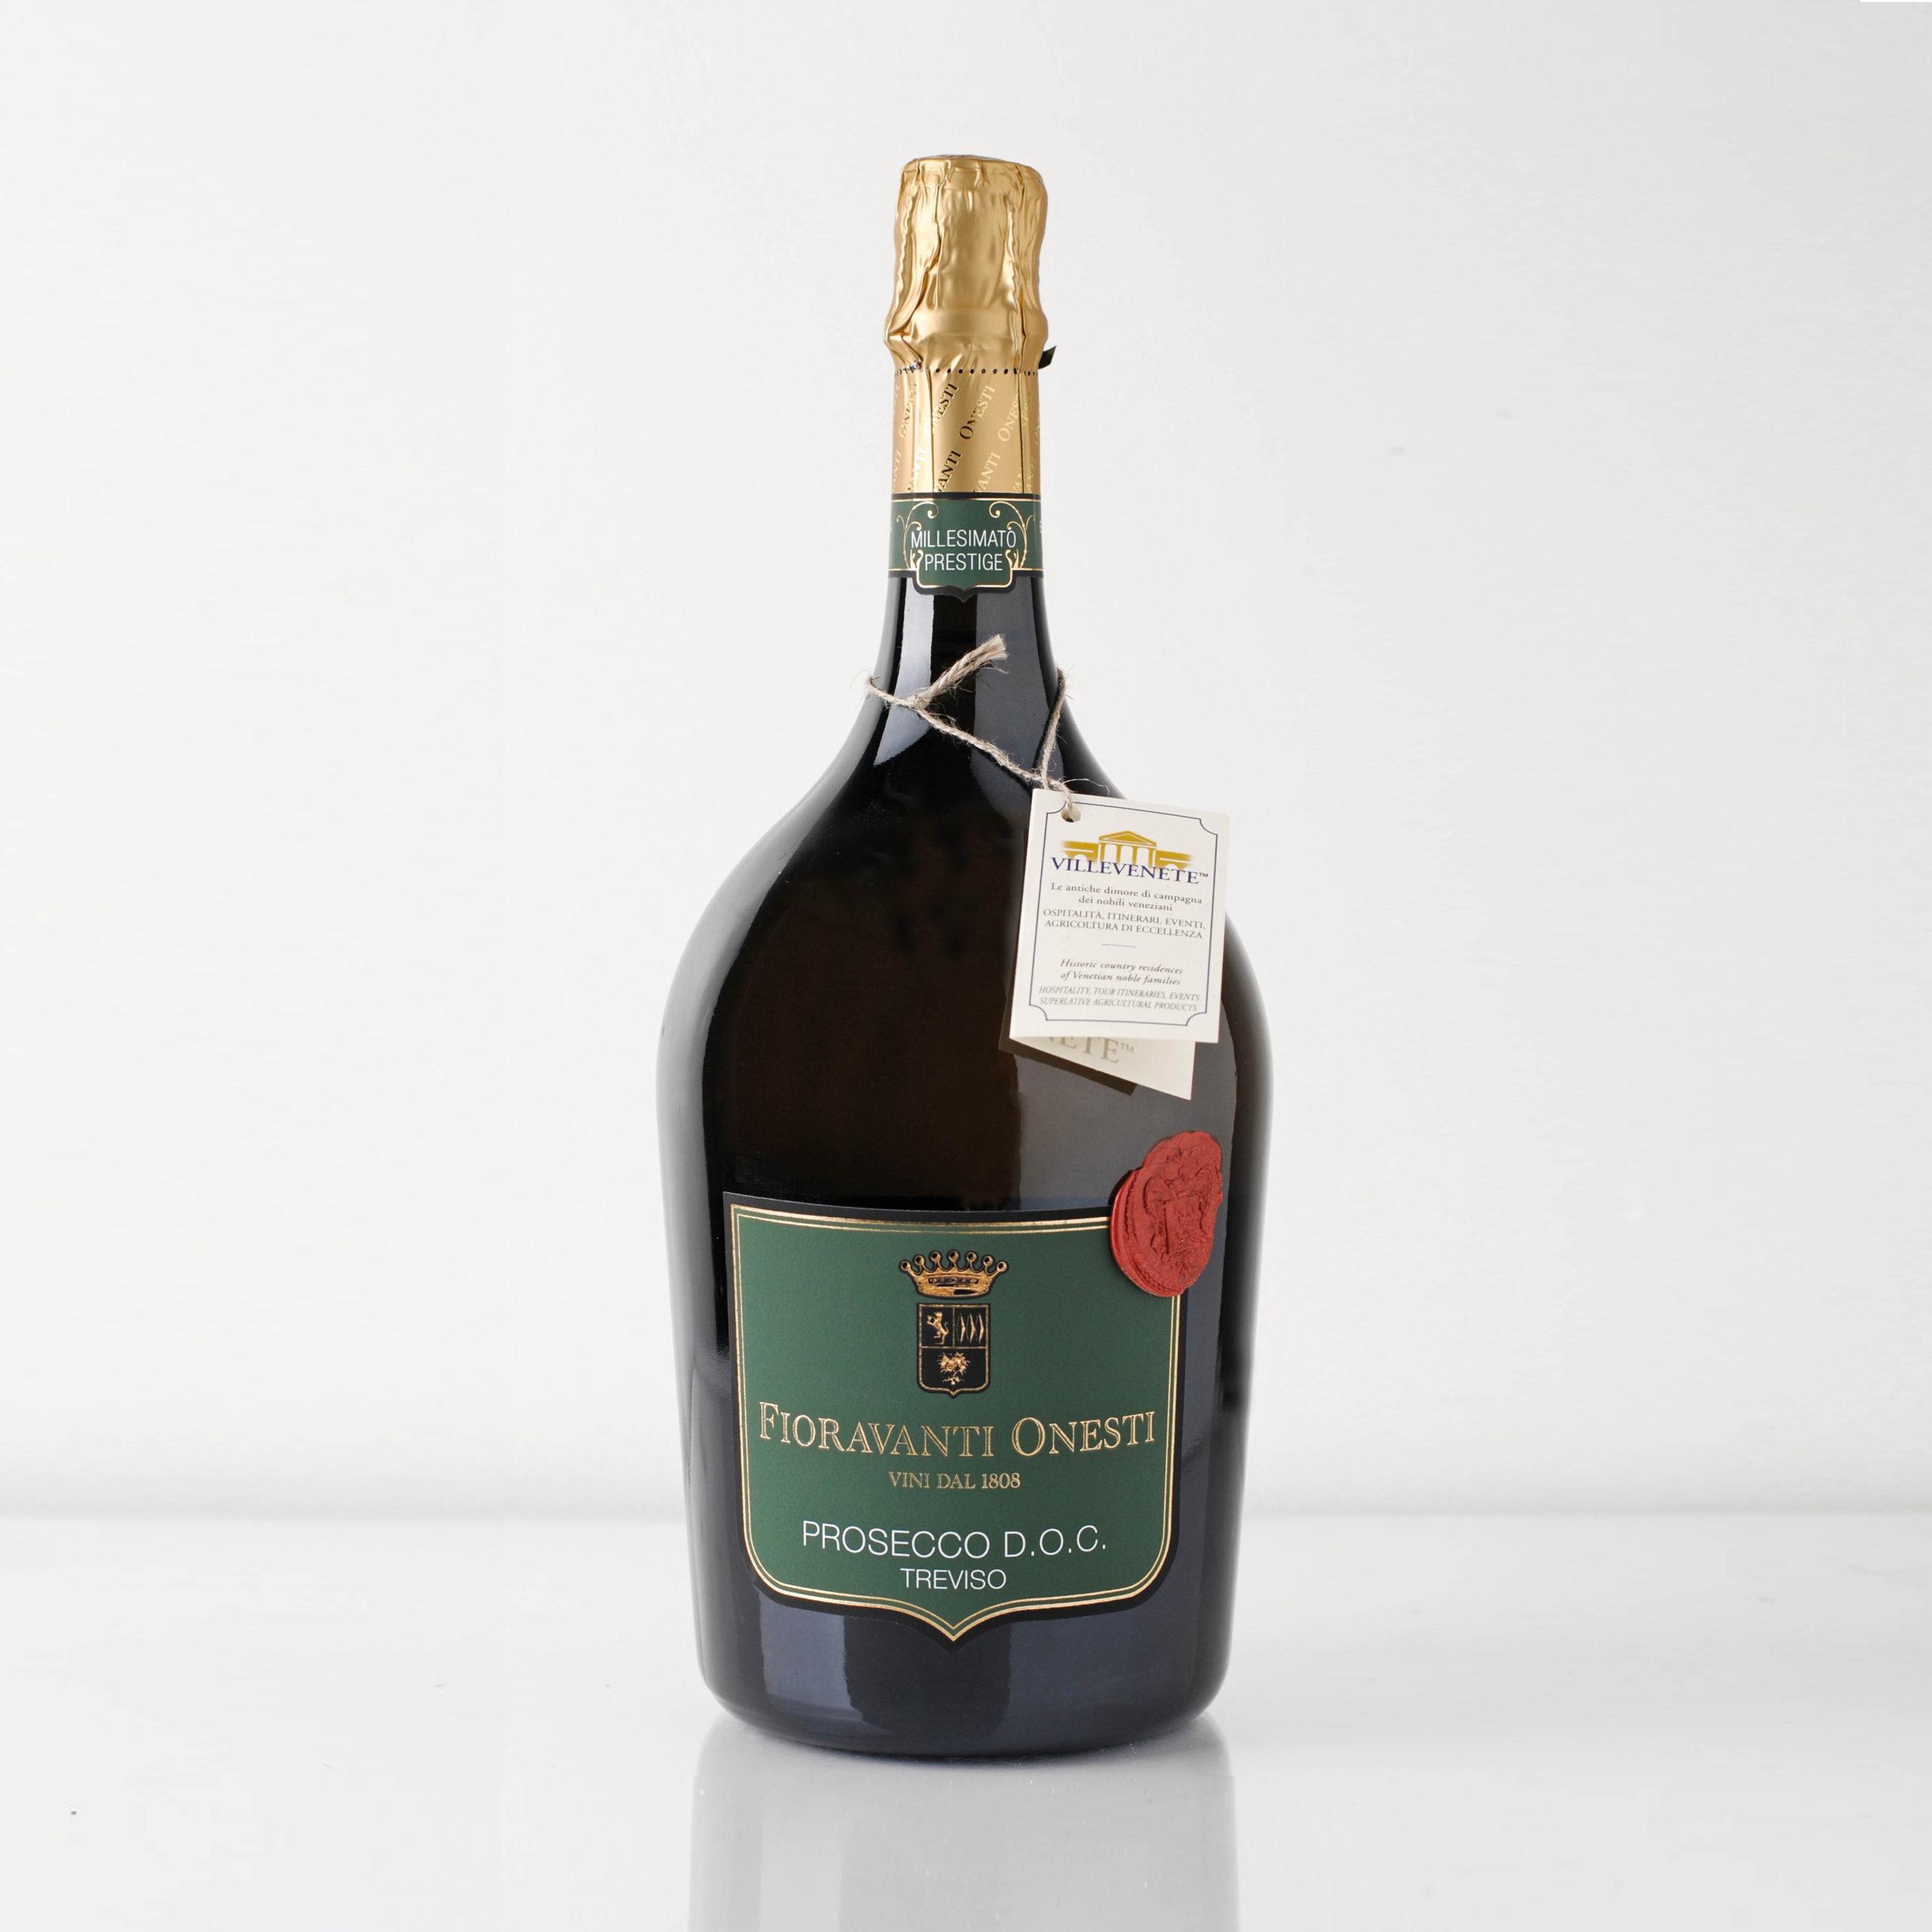 Fioravanti Onesti - Vini emporio mida1